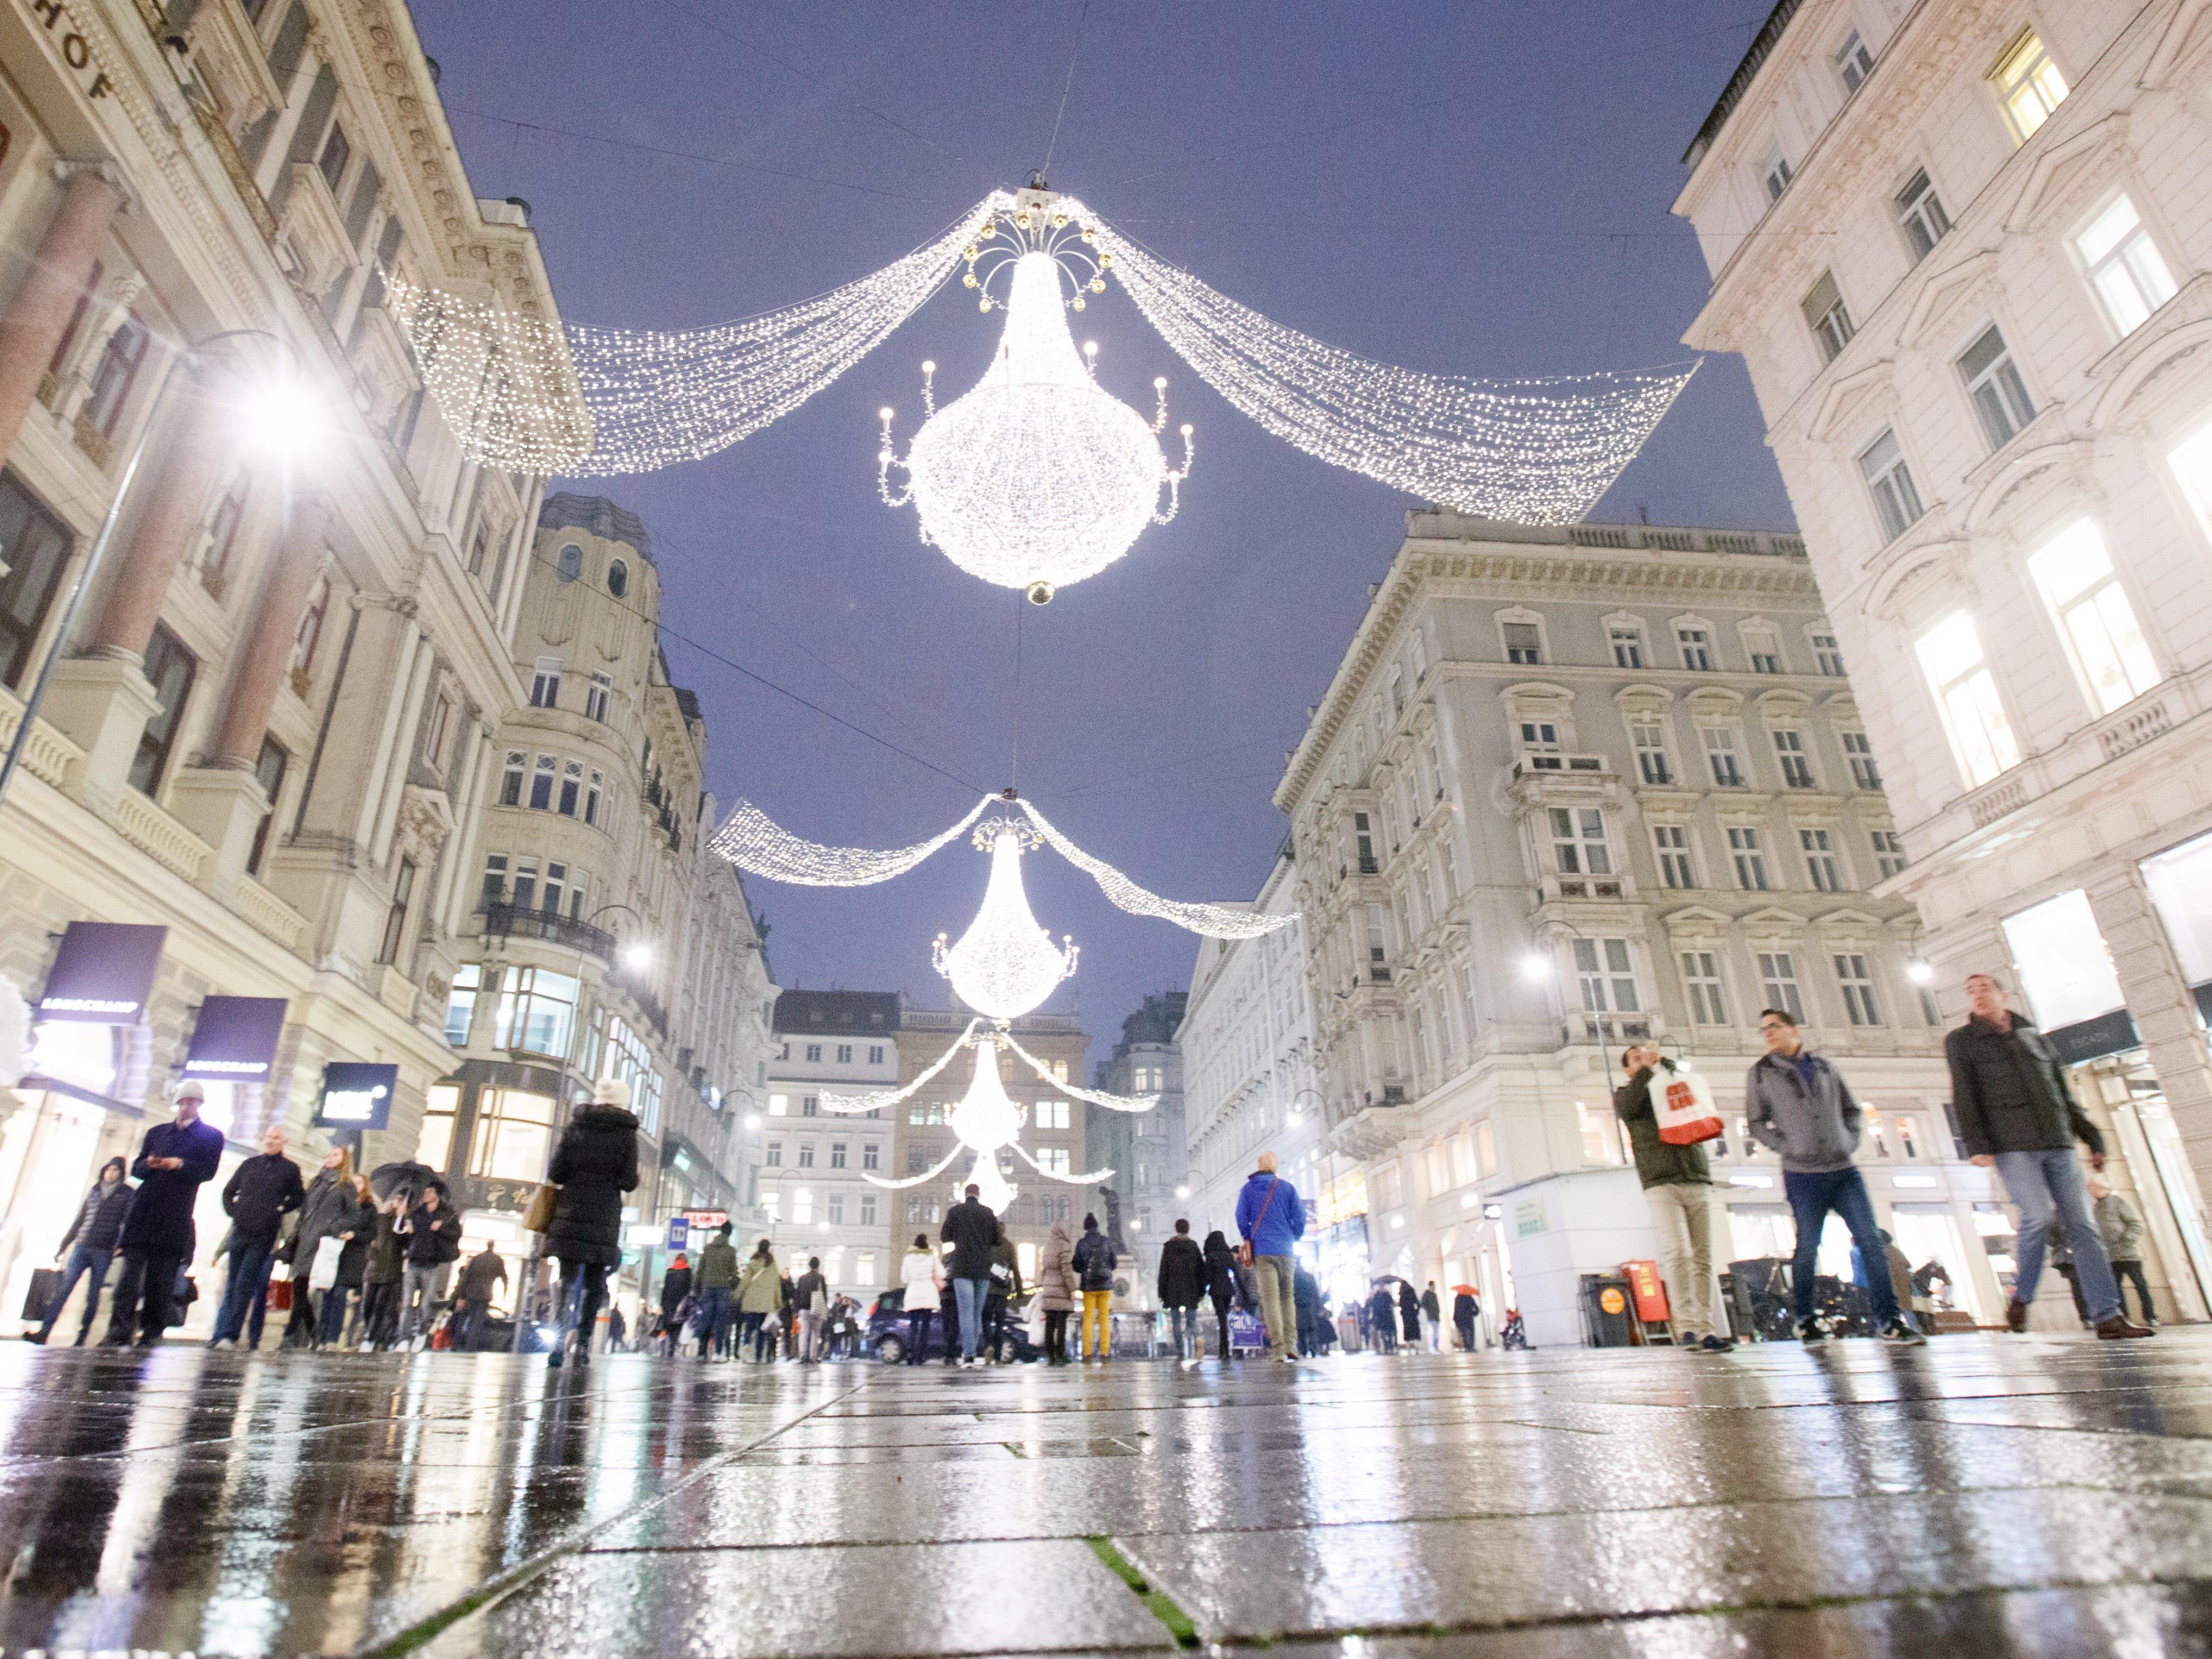 Der heimische Handel entwickelt sich zum Weihnachtsgeschäft stabil